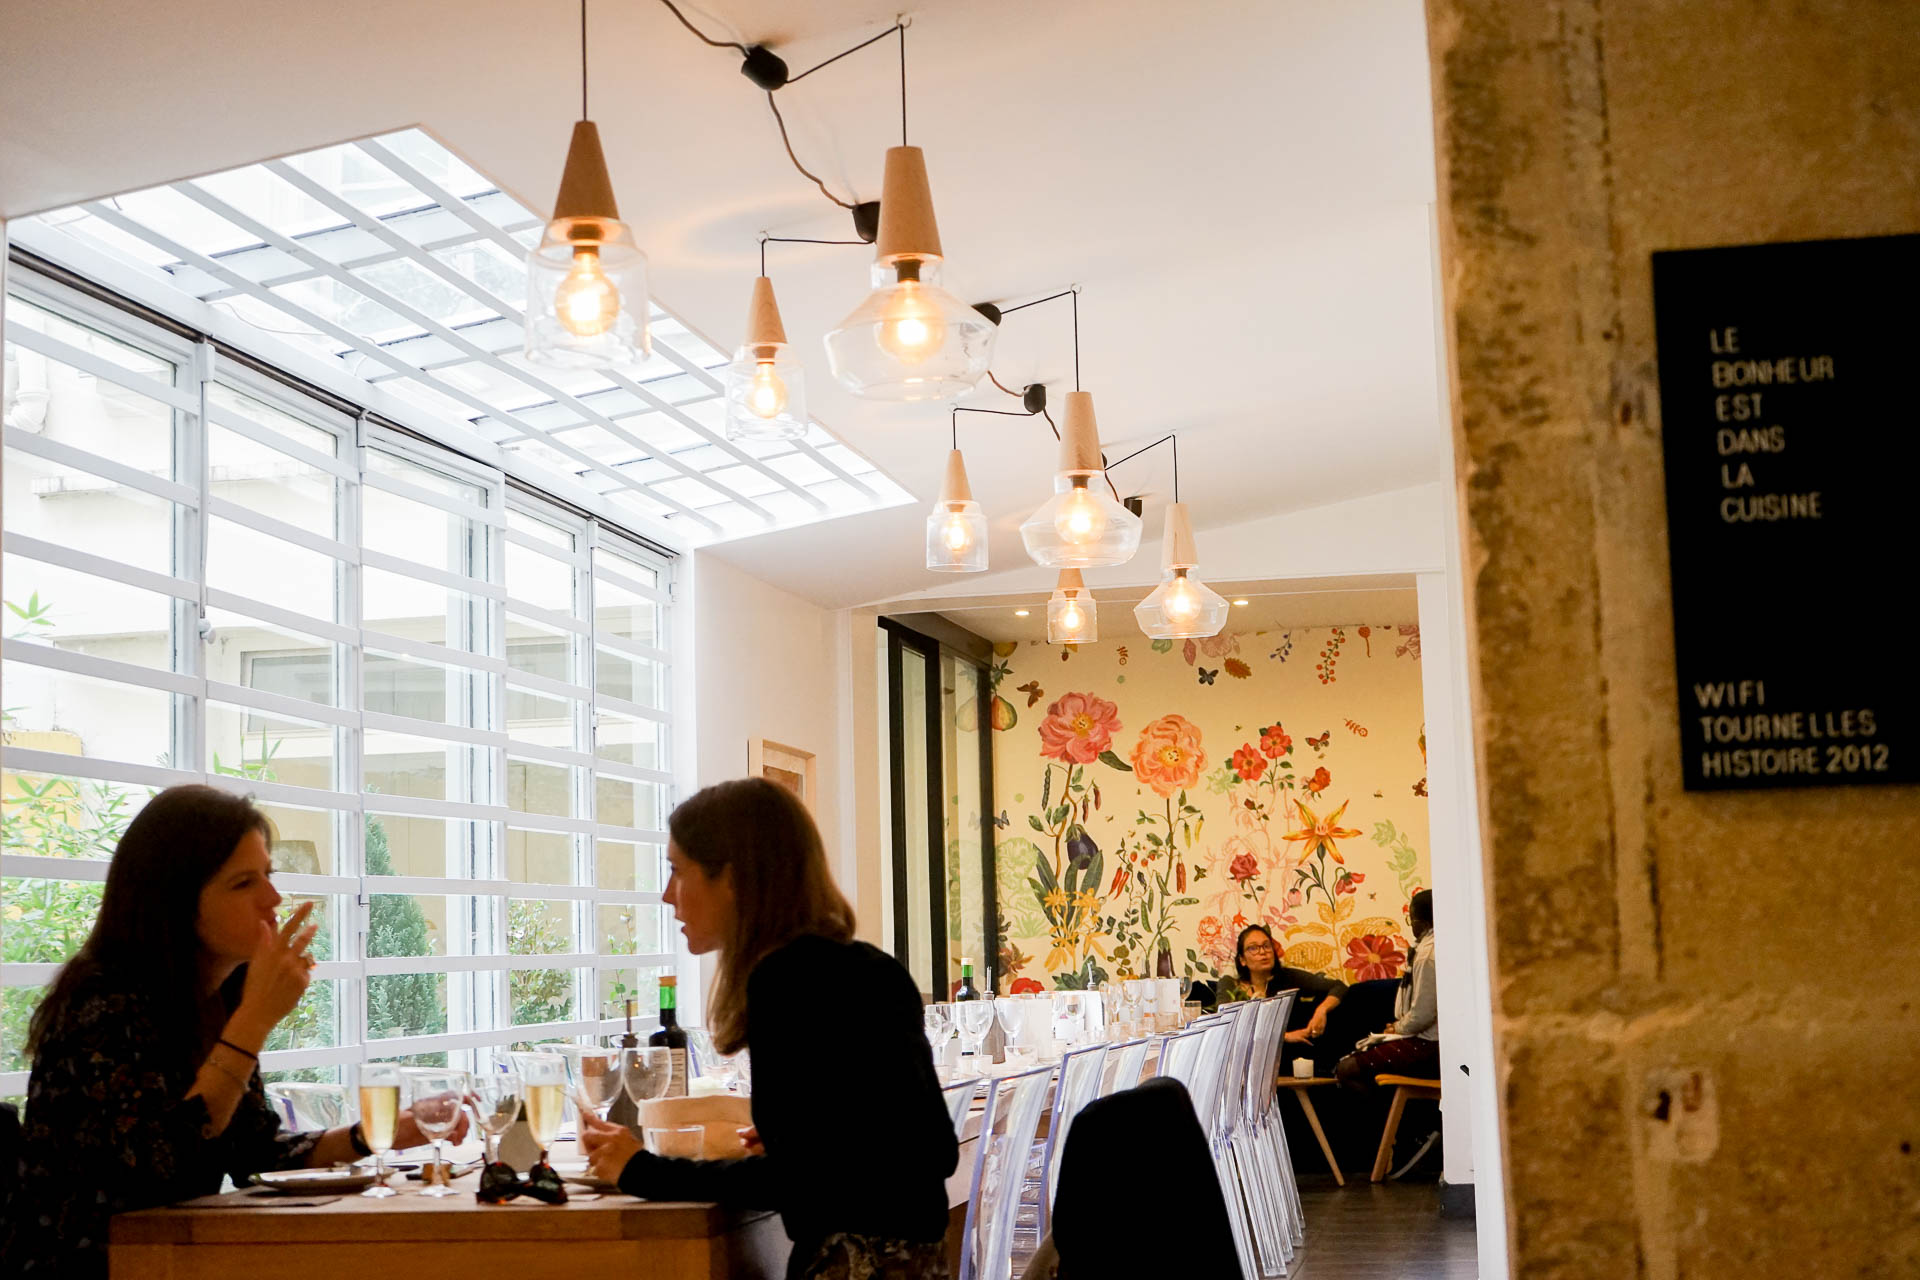 Restaurant éphémère et premier incubateur de chefs à Paris, imaginé à partir du concept de « shared kitchen », For the Love of Food a ouvert ses portes fin septembre dans le Marais. Rencontre passionnante avec Todd Hartwell, co-fondateur du projet et le casting 100% féminin de la première résidence à l'occasion d'un déjeuner sur place.